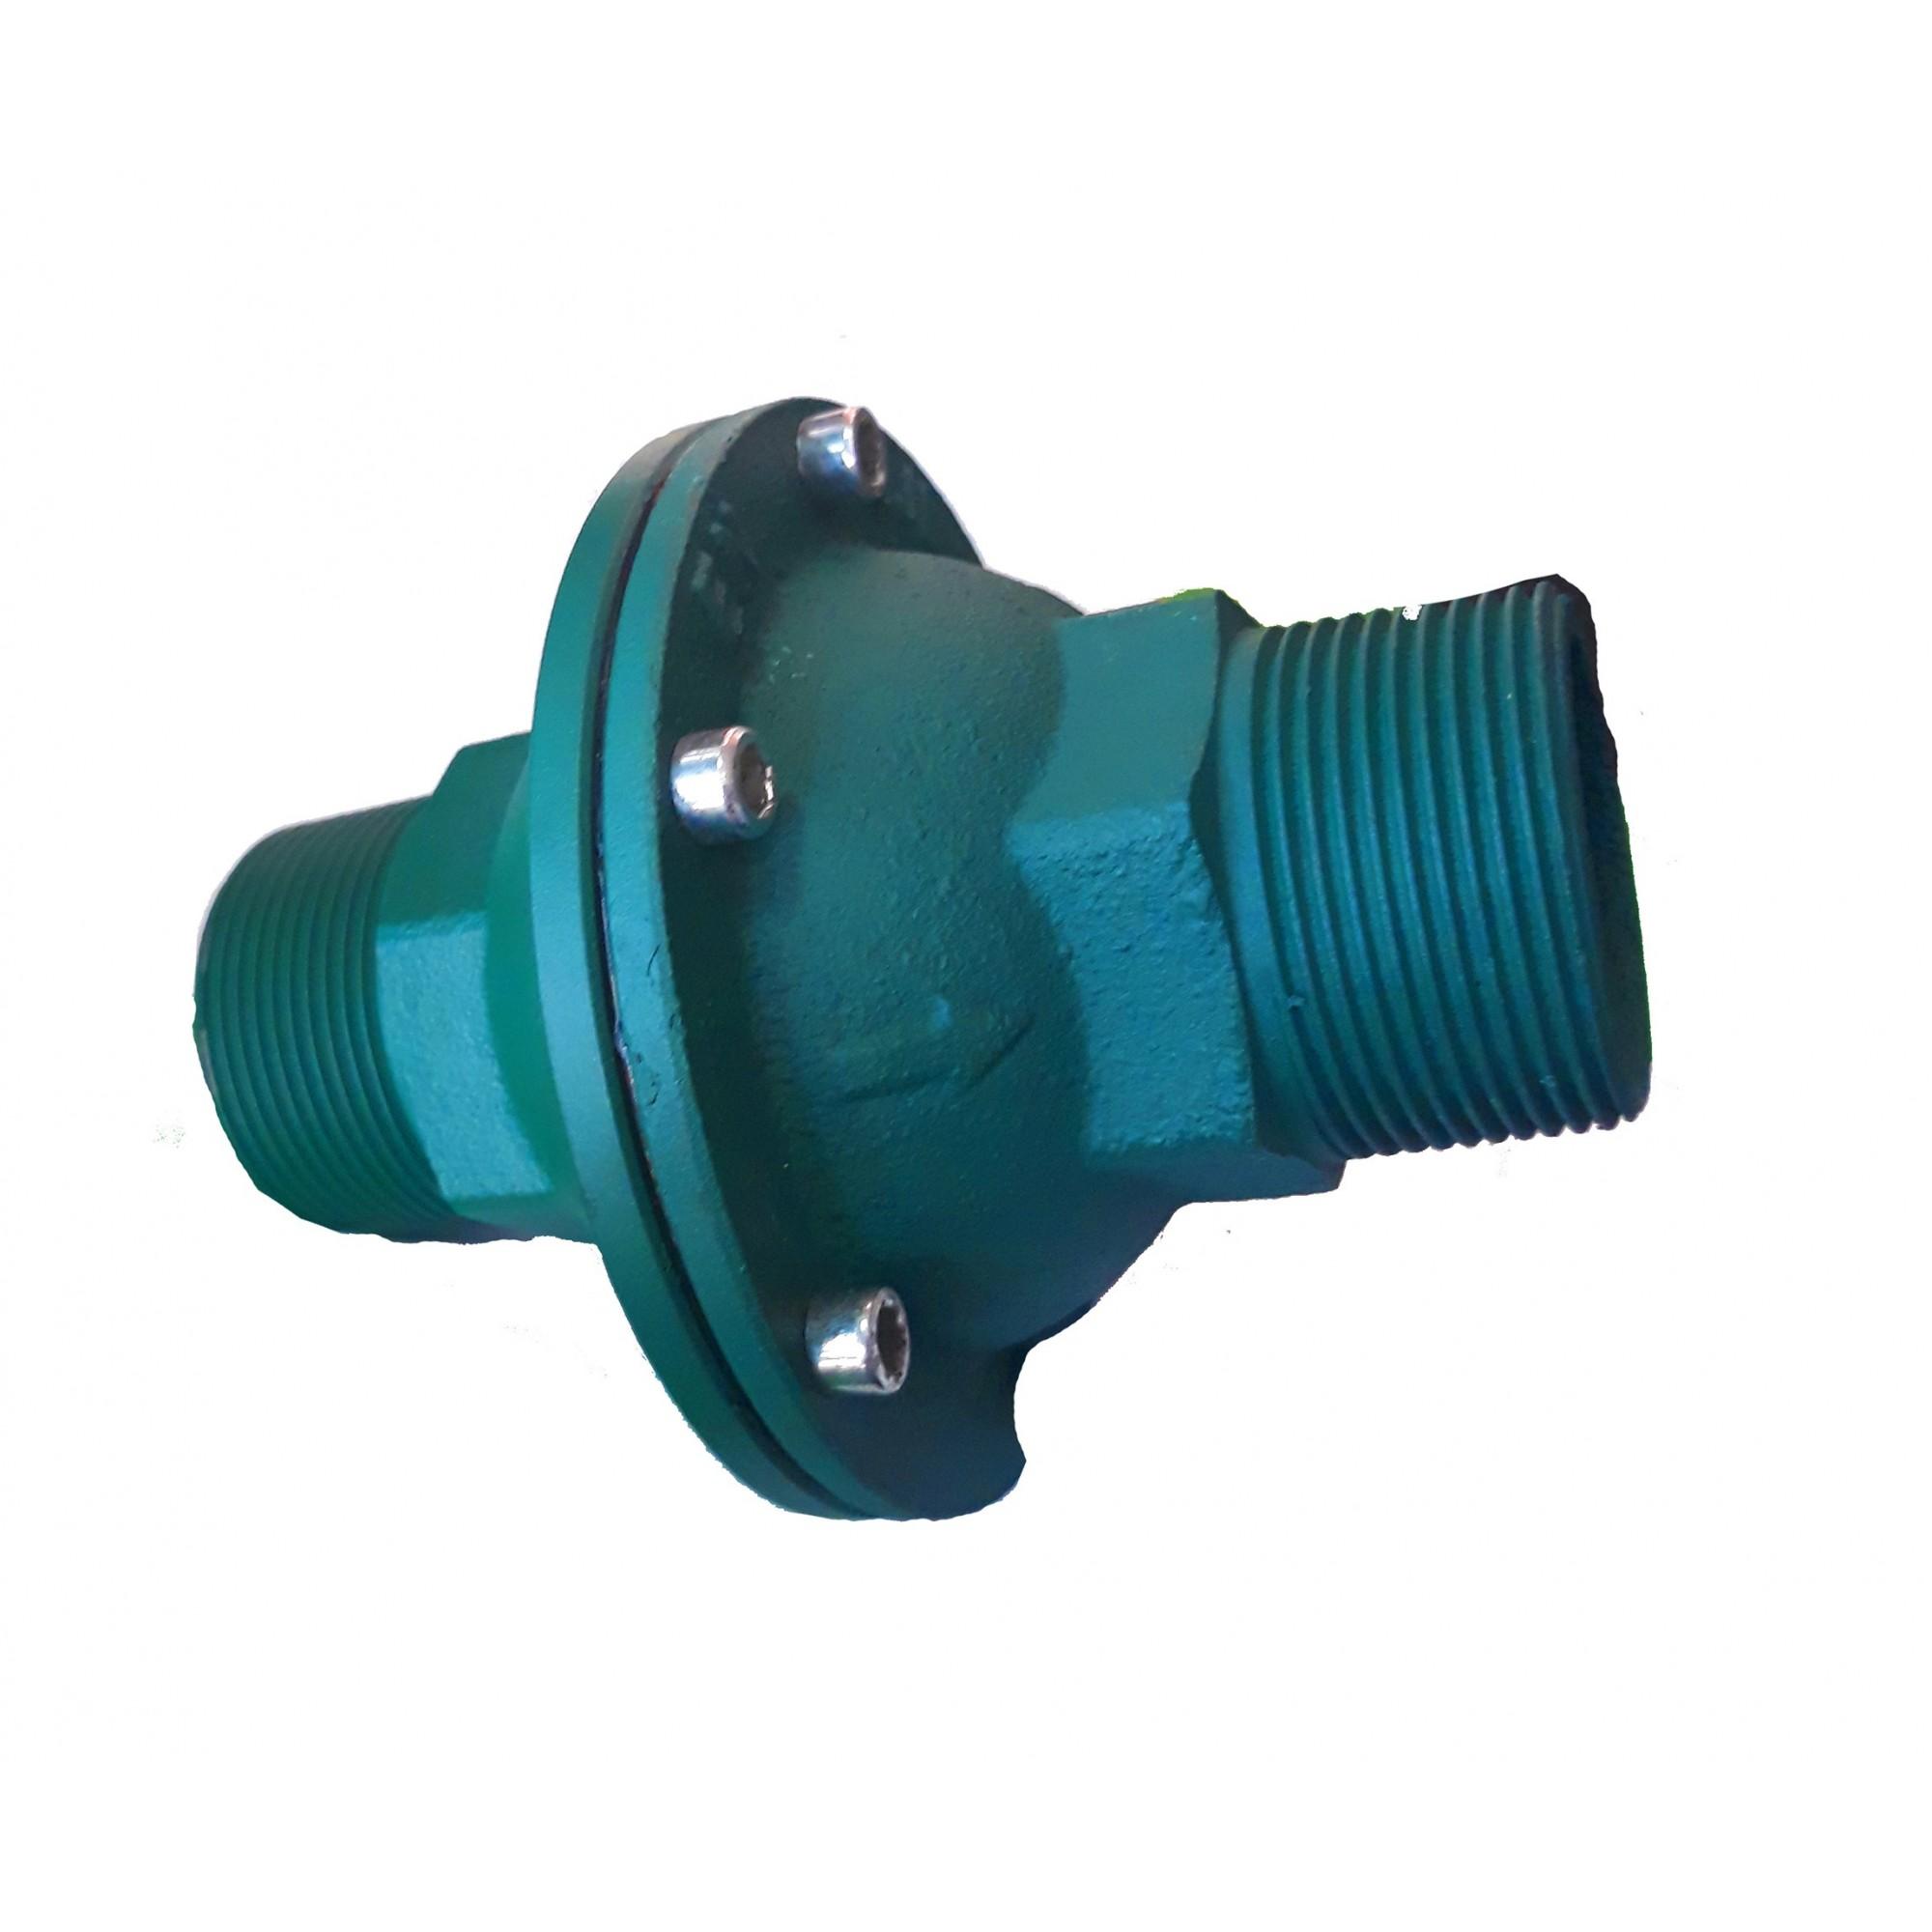 Обратный клапан для отопления 40, 1 1/2 чугунный с резиновым шариком, Польша усиленный  - 1